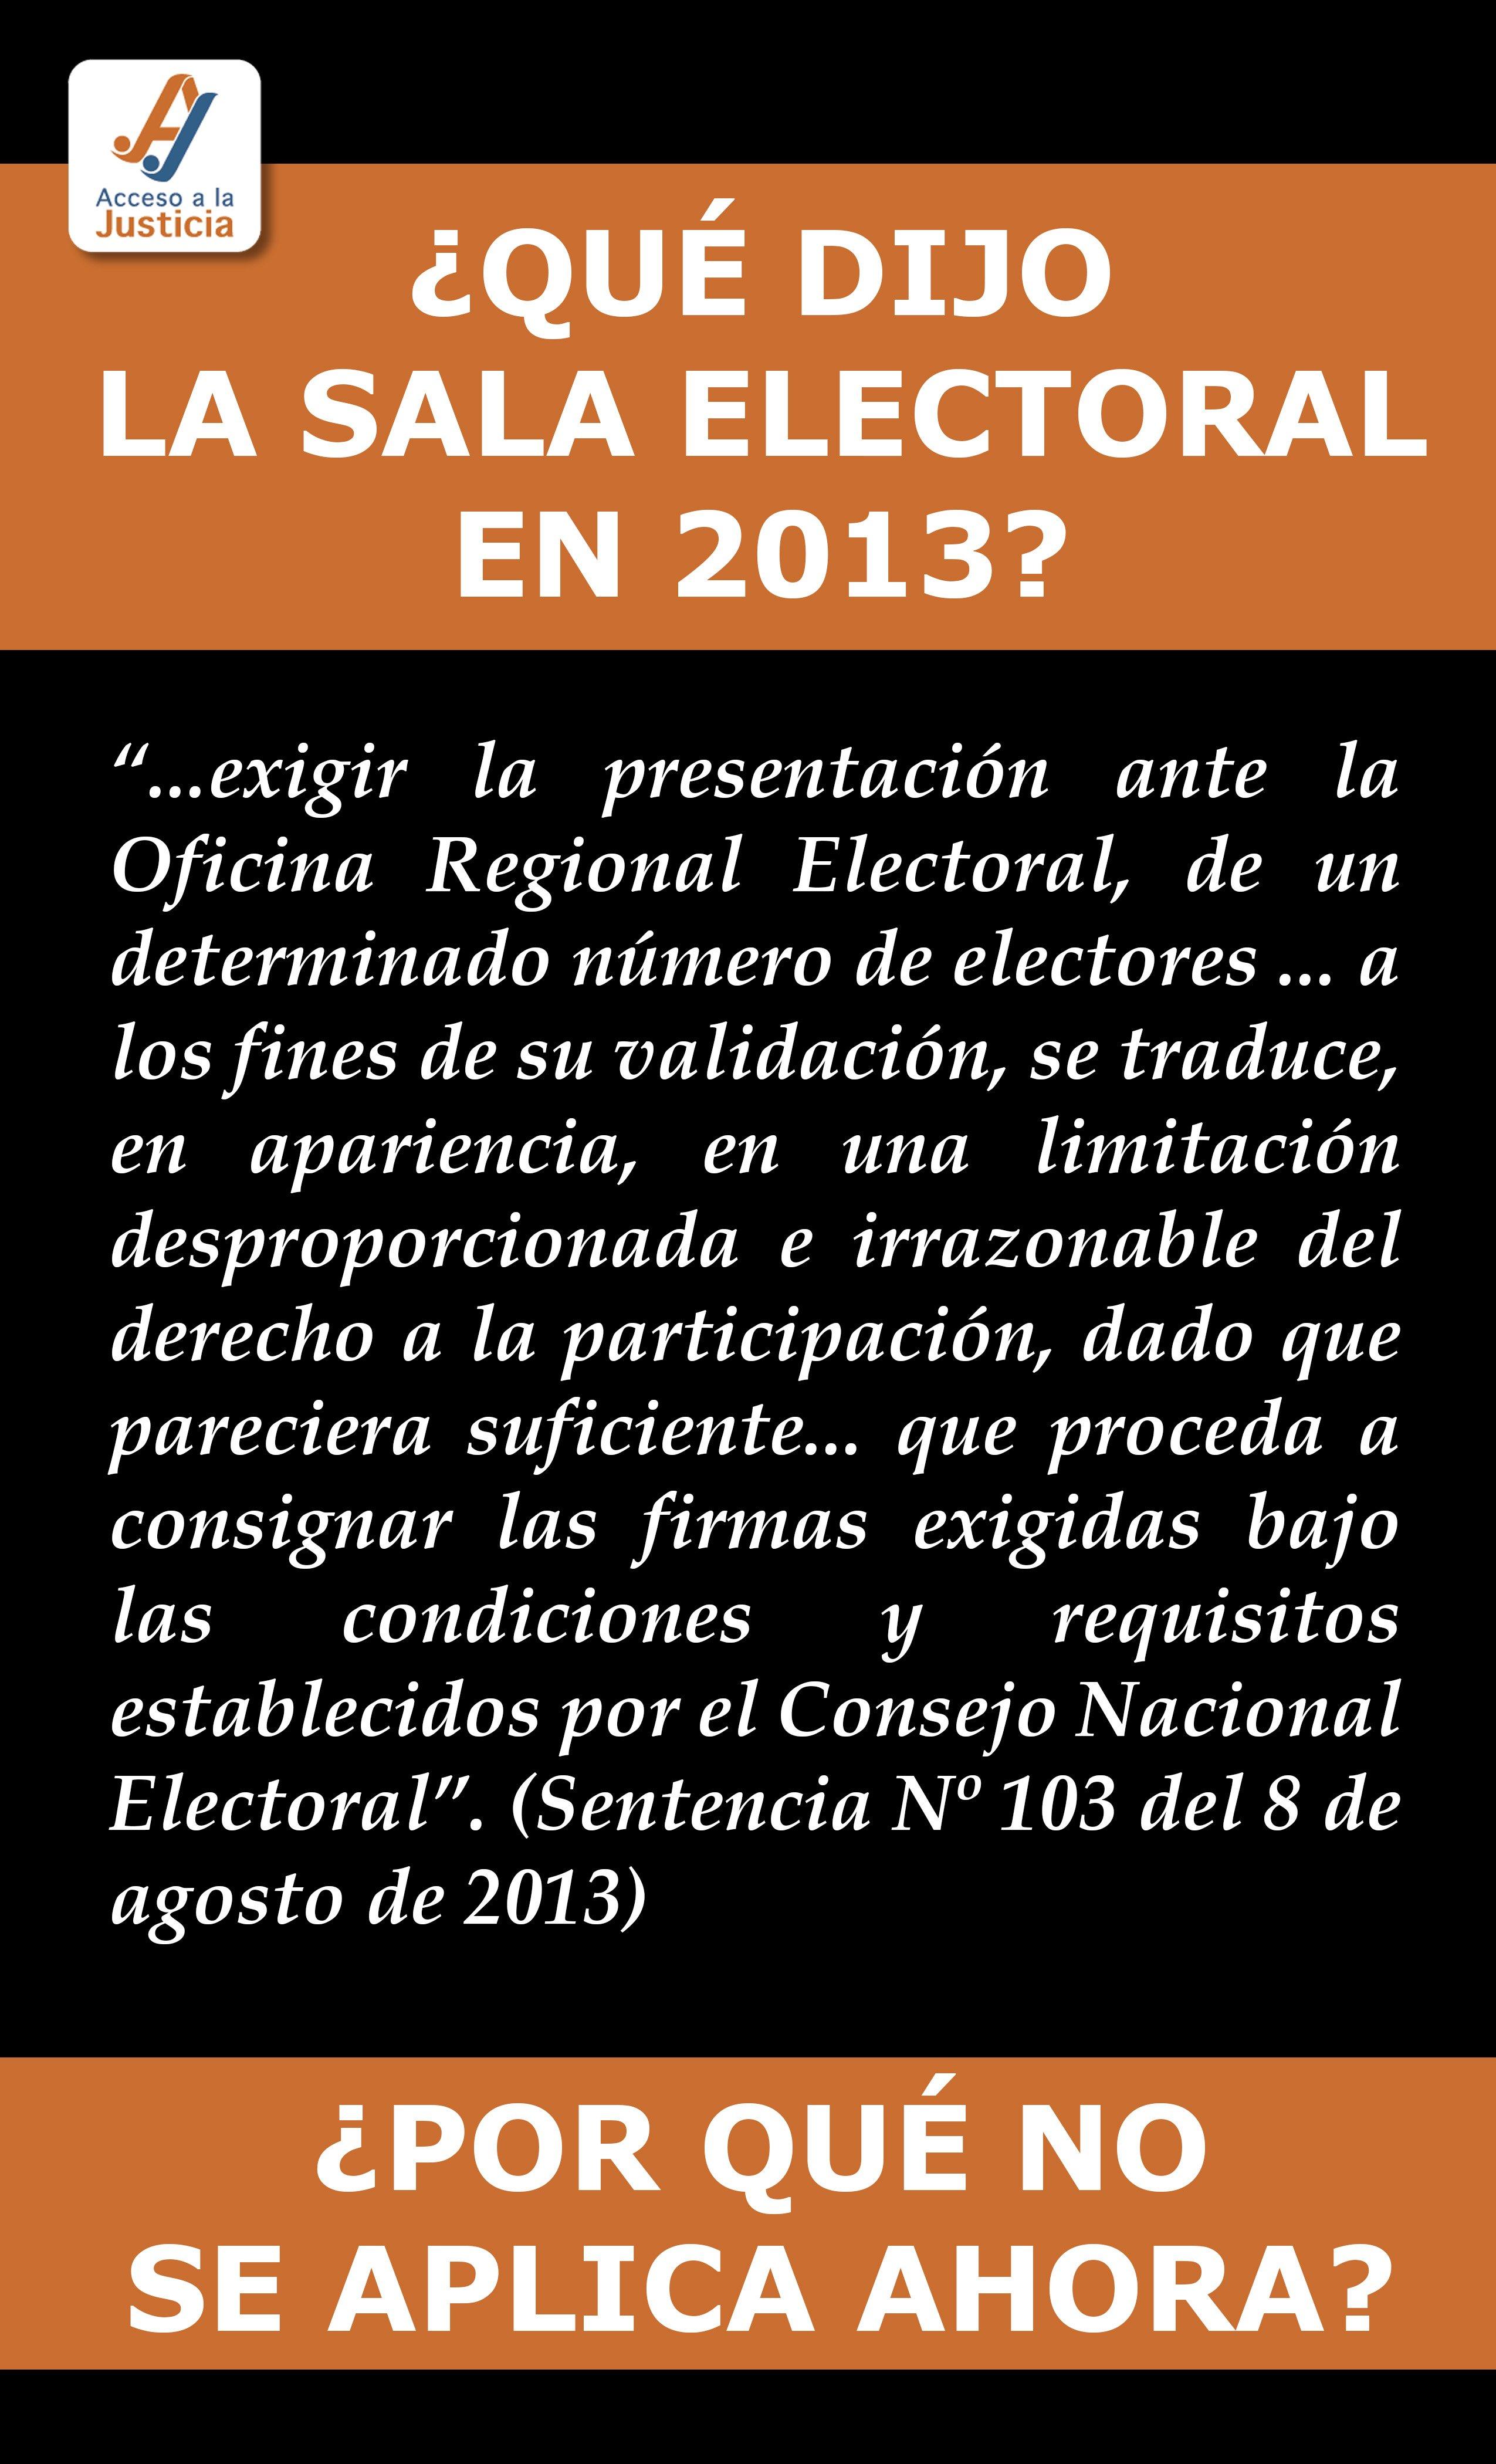 ¿Qué dijo la Sala Electoral en 2013?